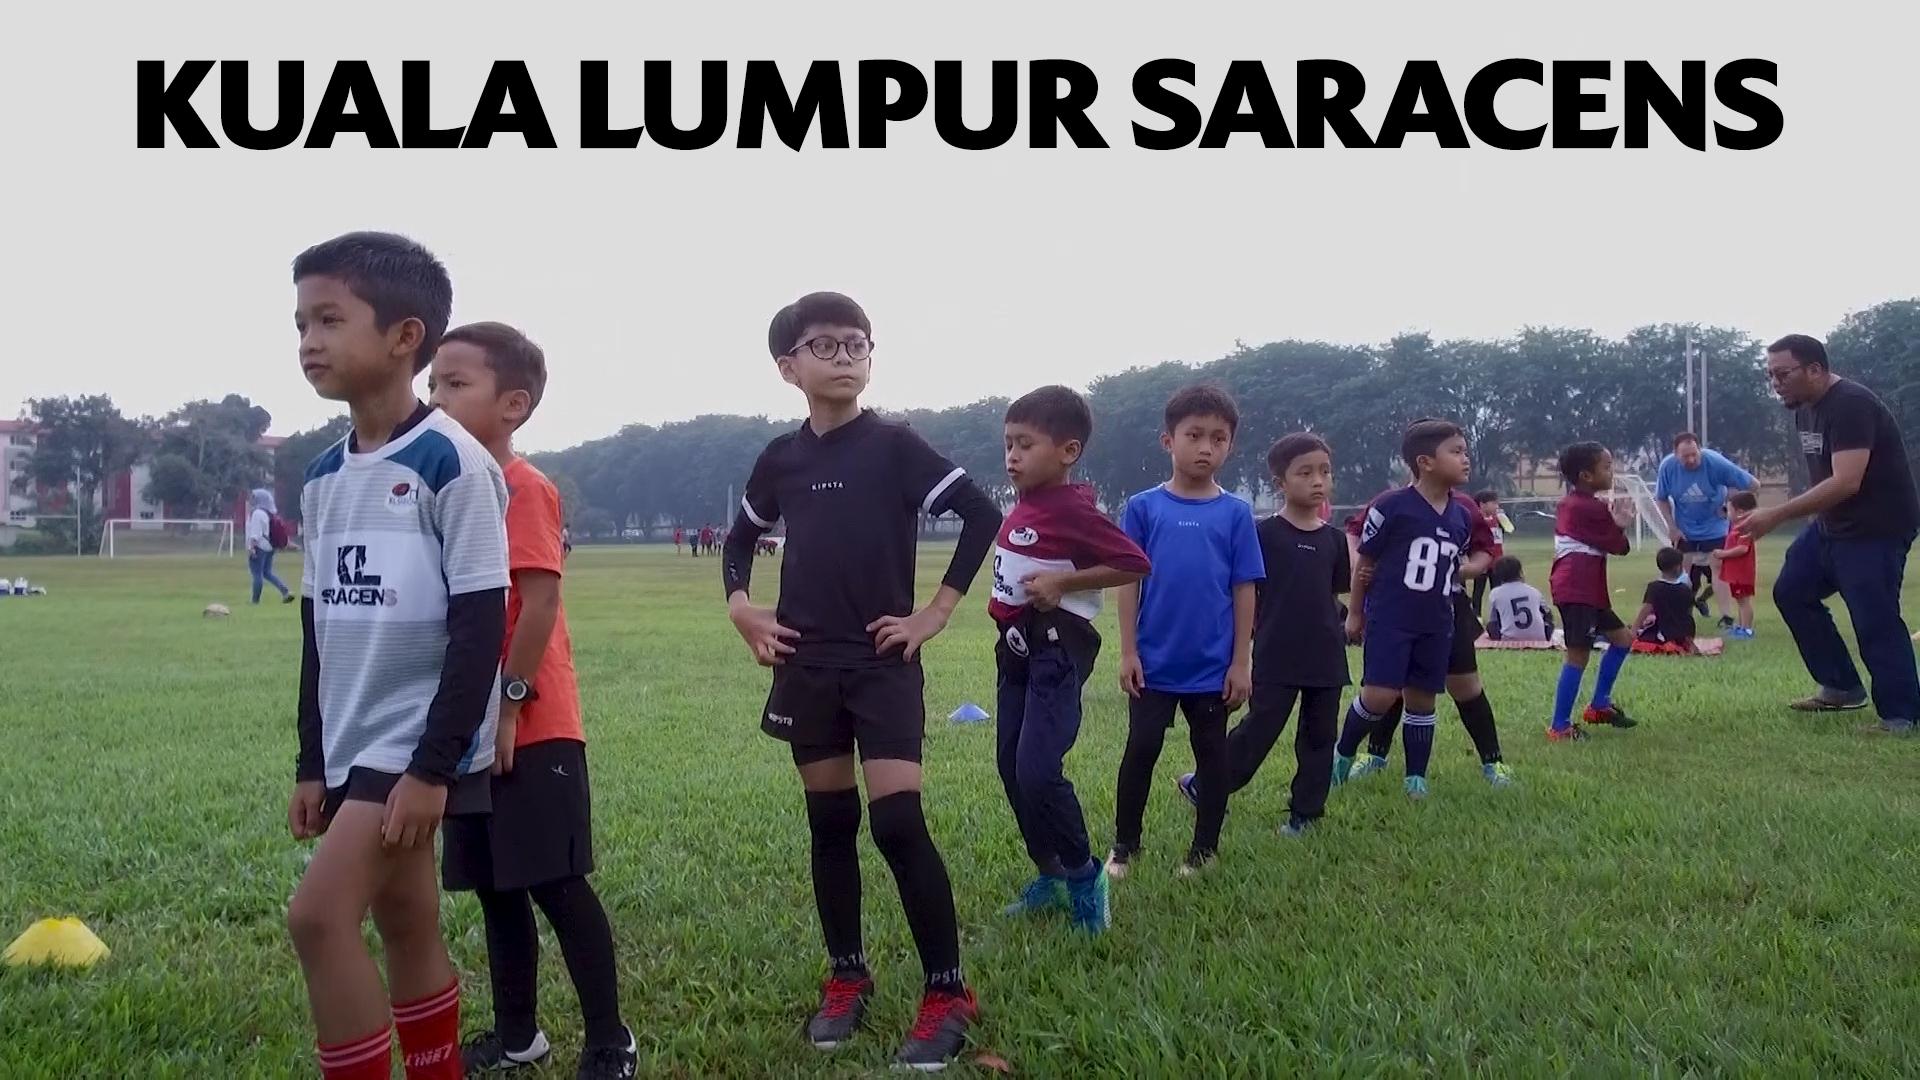 Kuala Lumpur Saracens   Growing the game in Malaysia